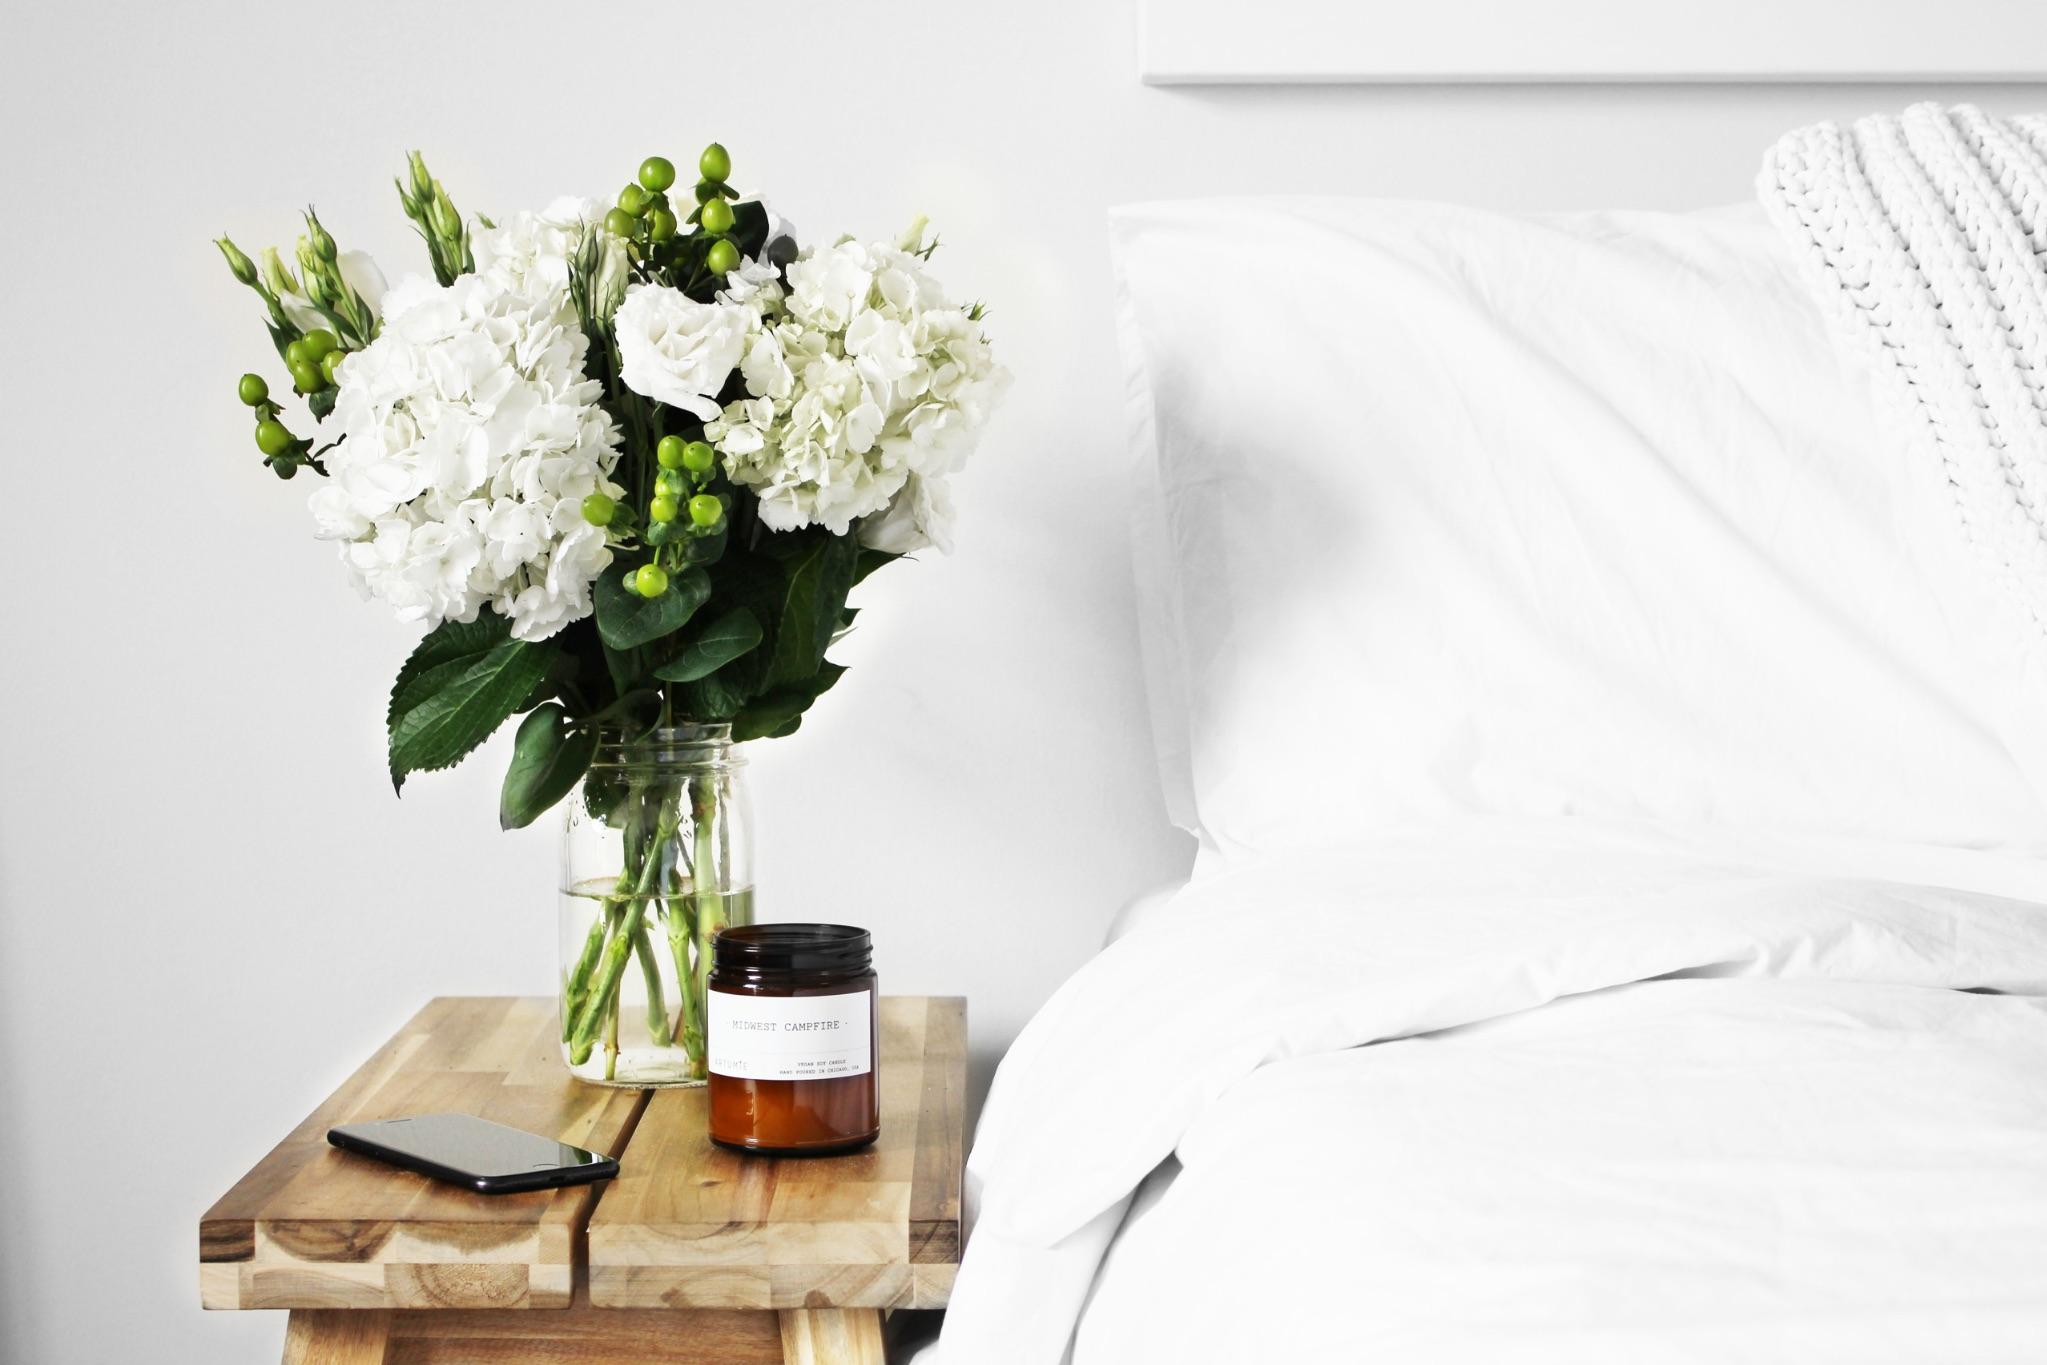 Как недостаток сна приводит к нехватке и потере времени